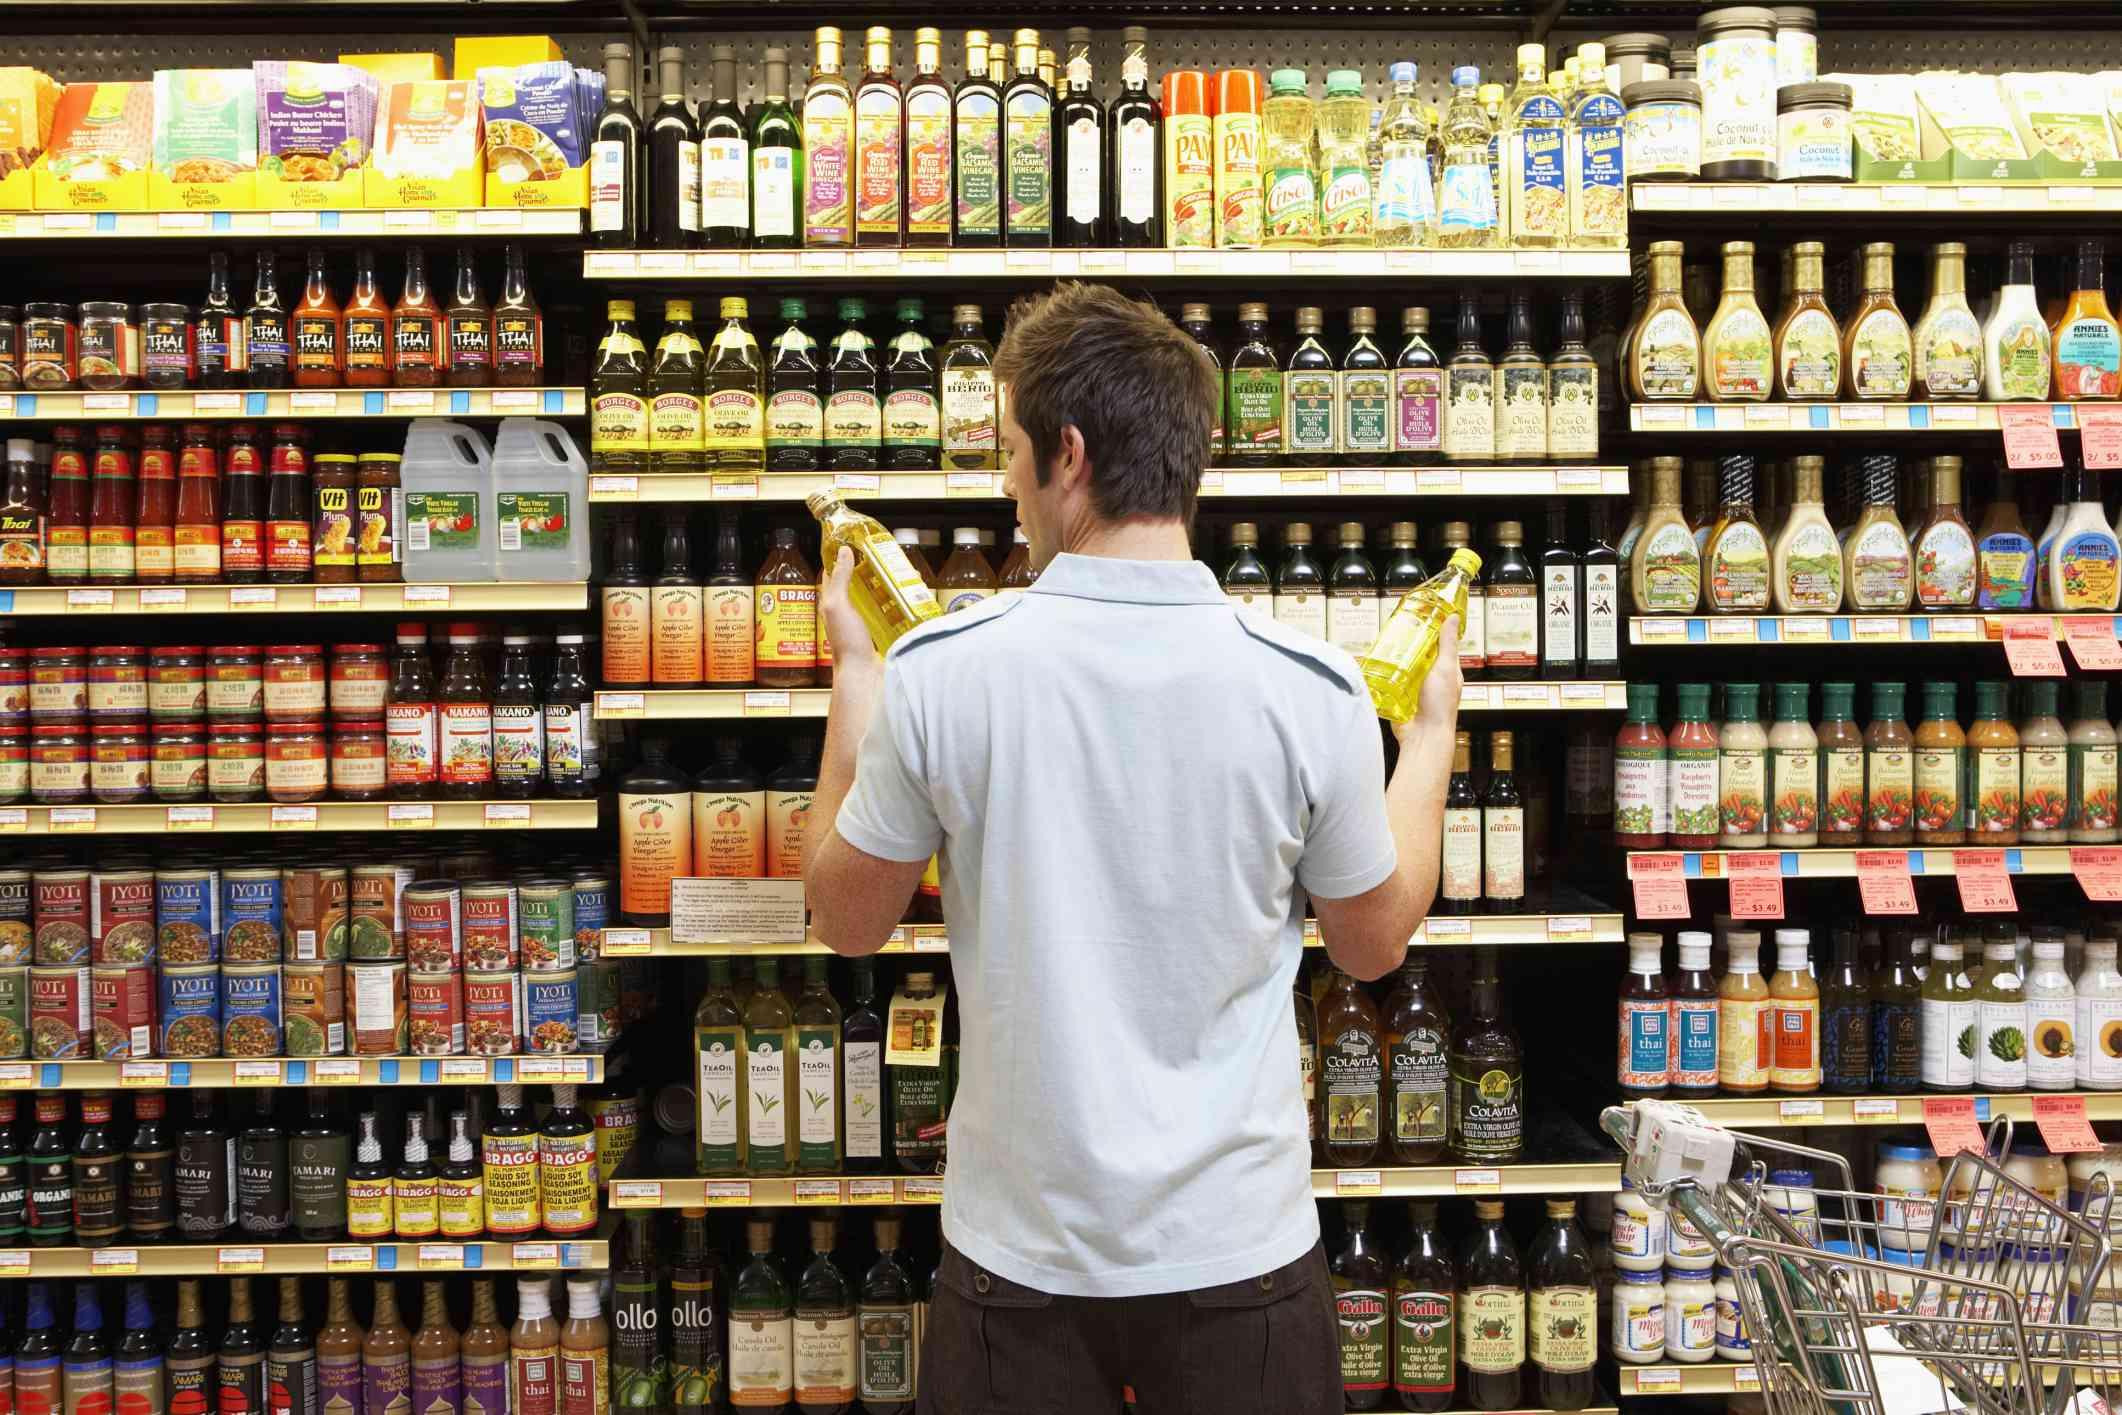 A man deciding between cooking oils